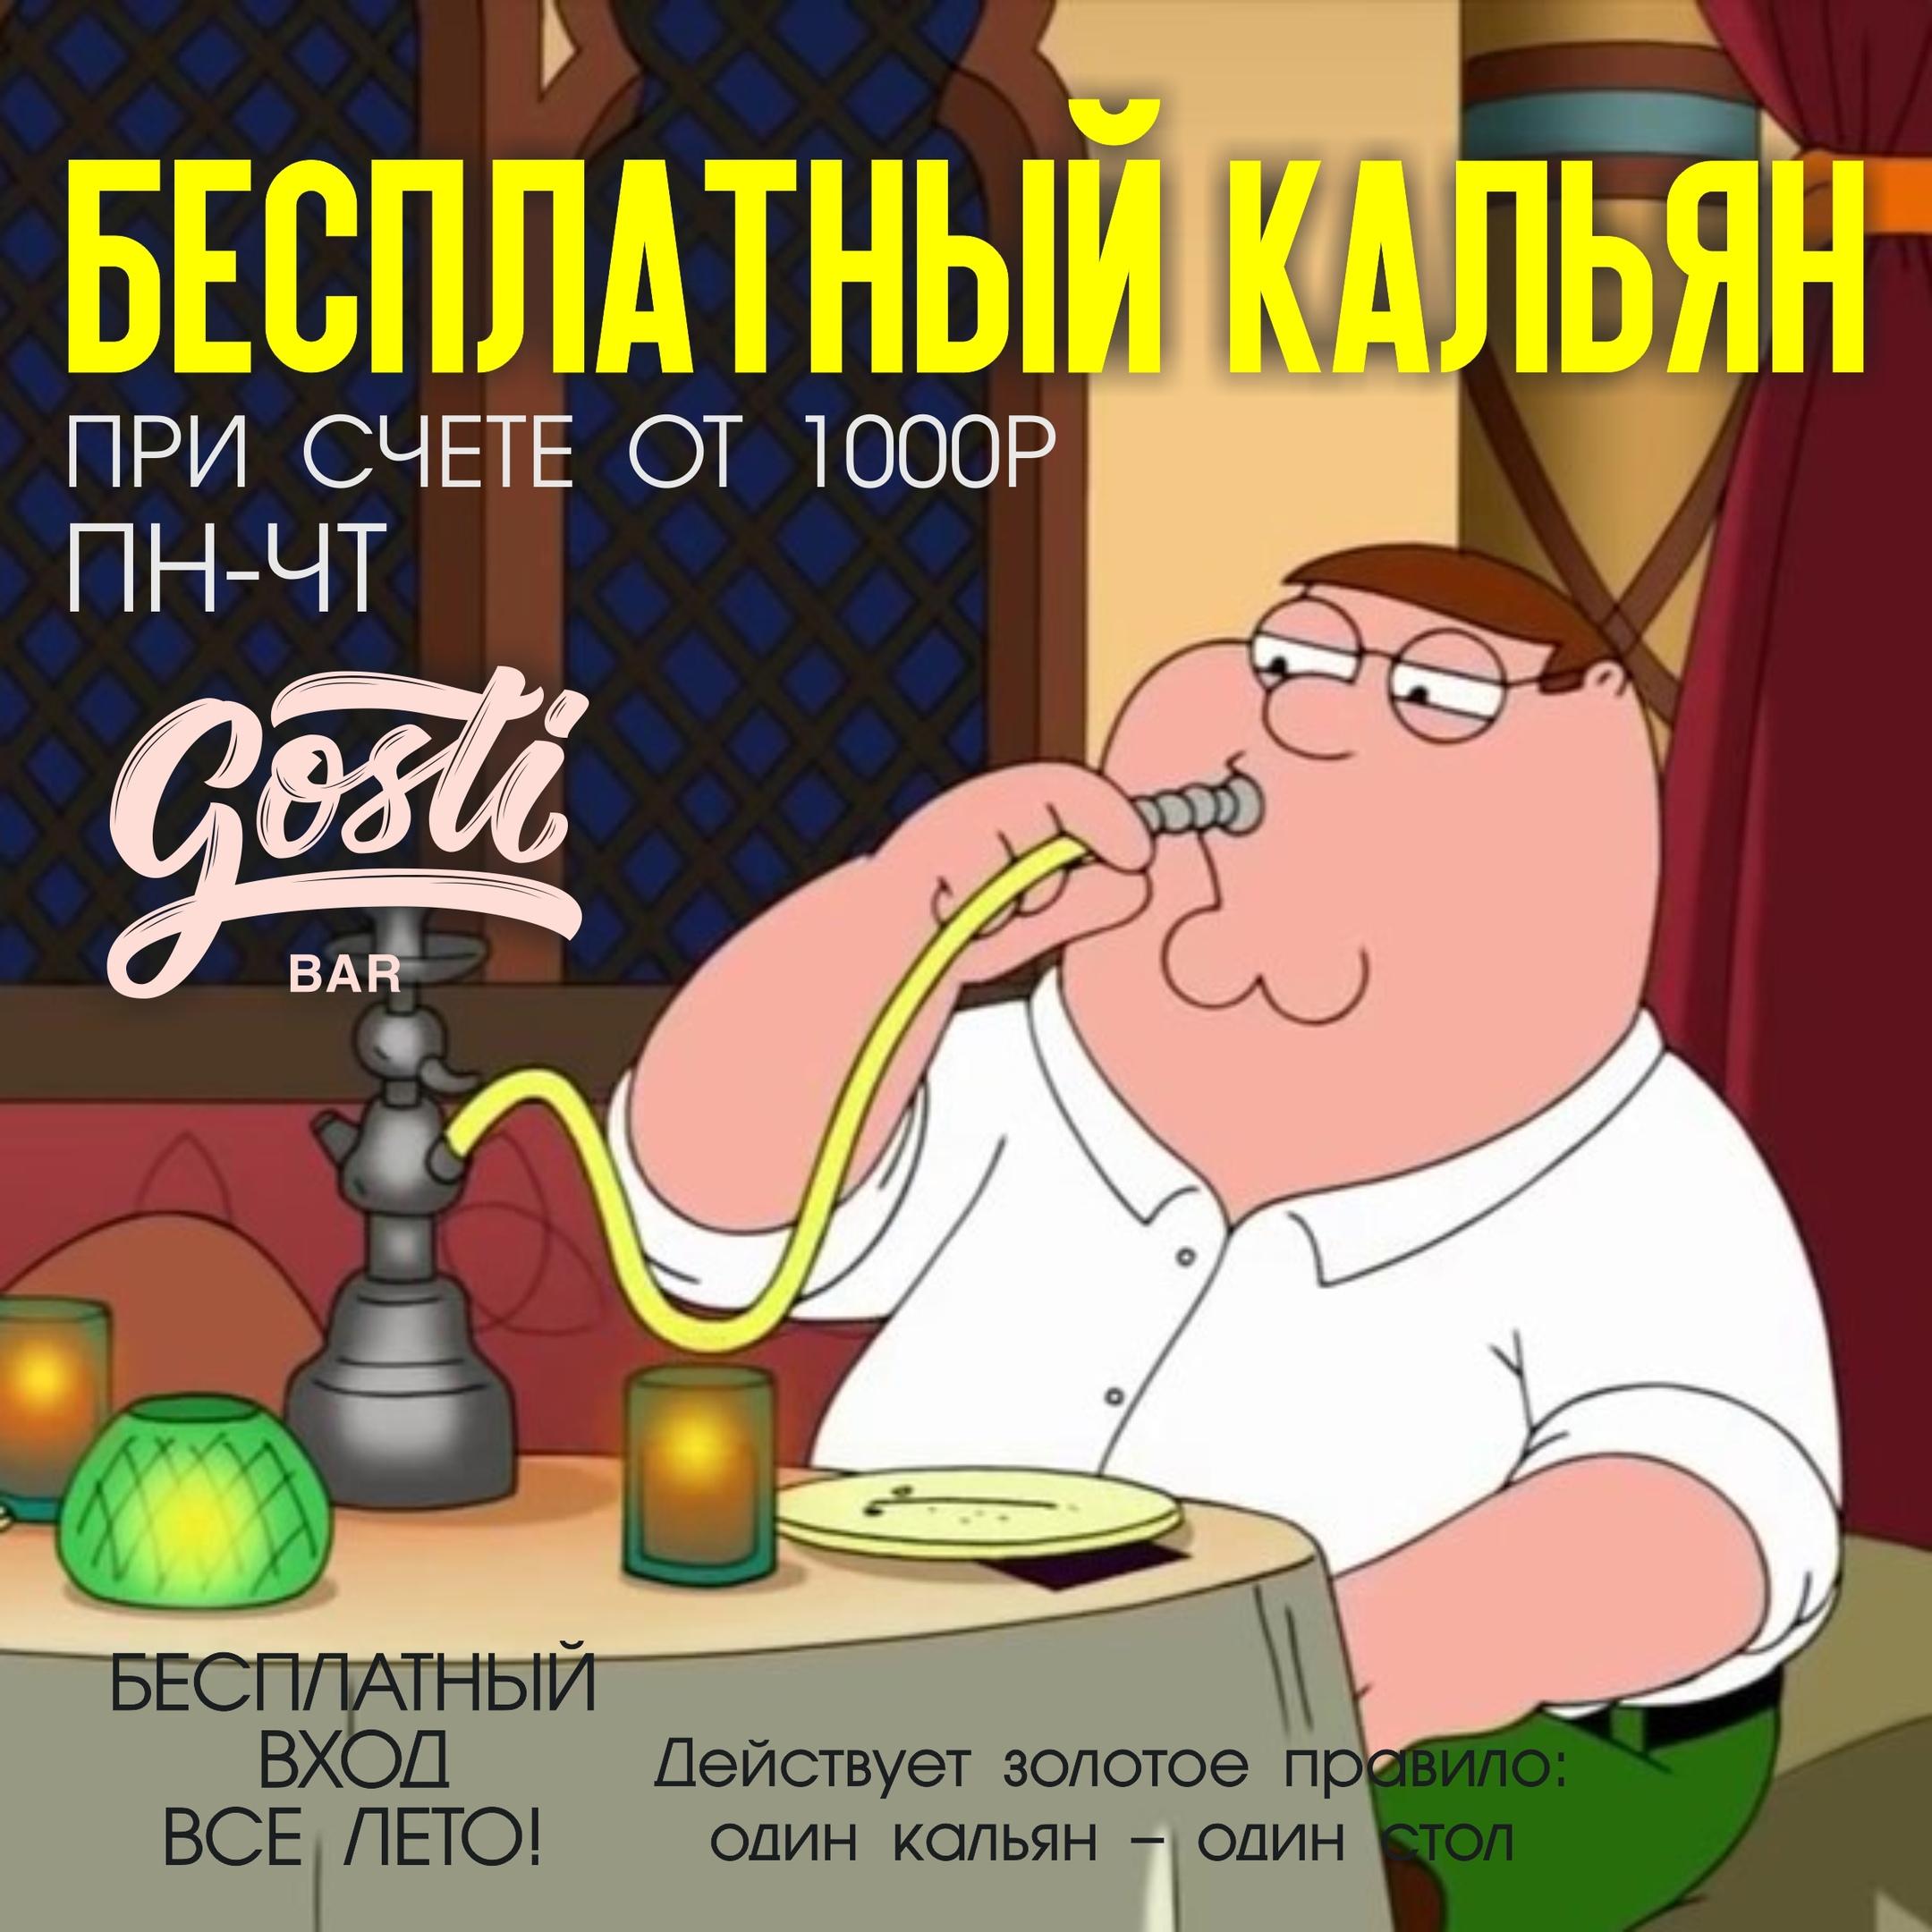 Бар «Gosti» - Вконтакте